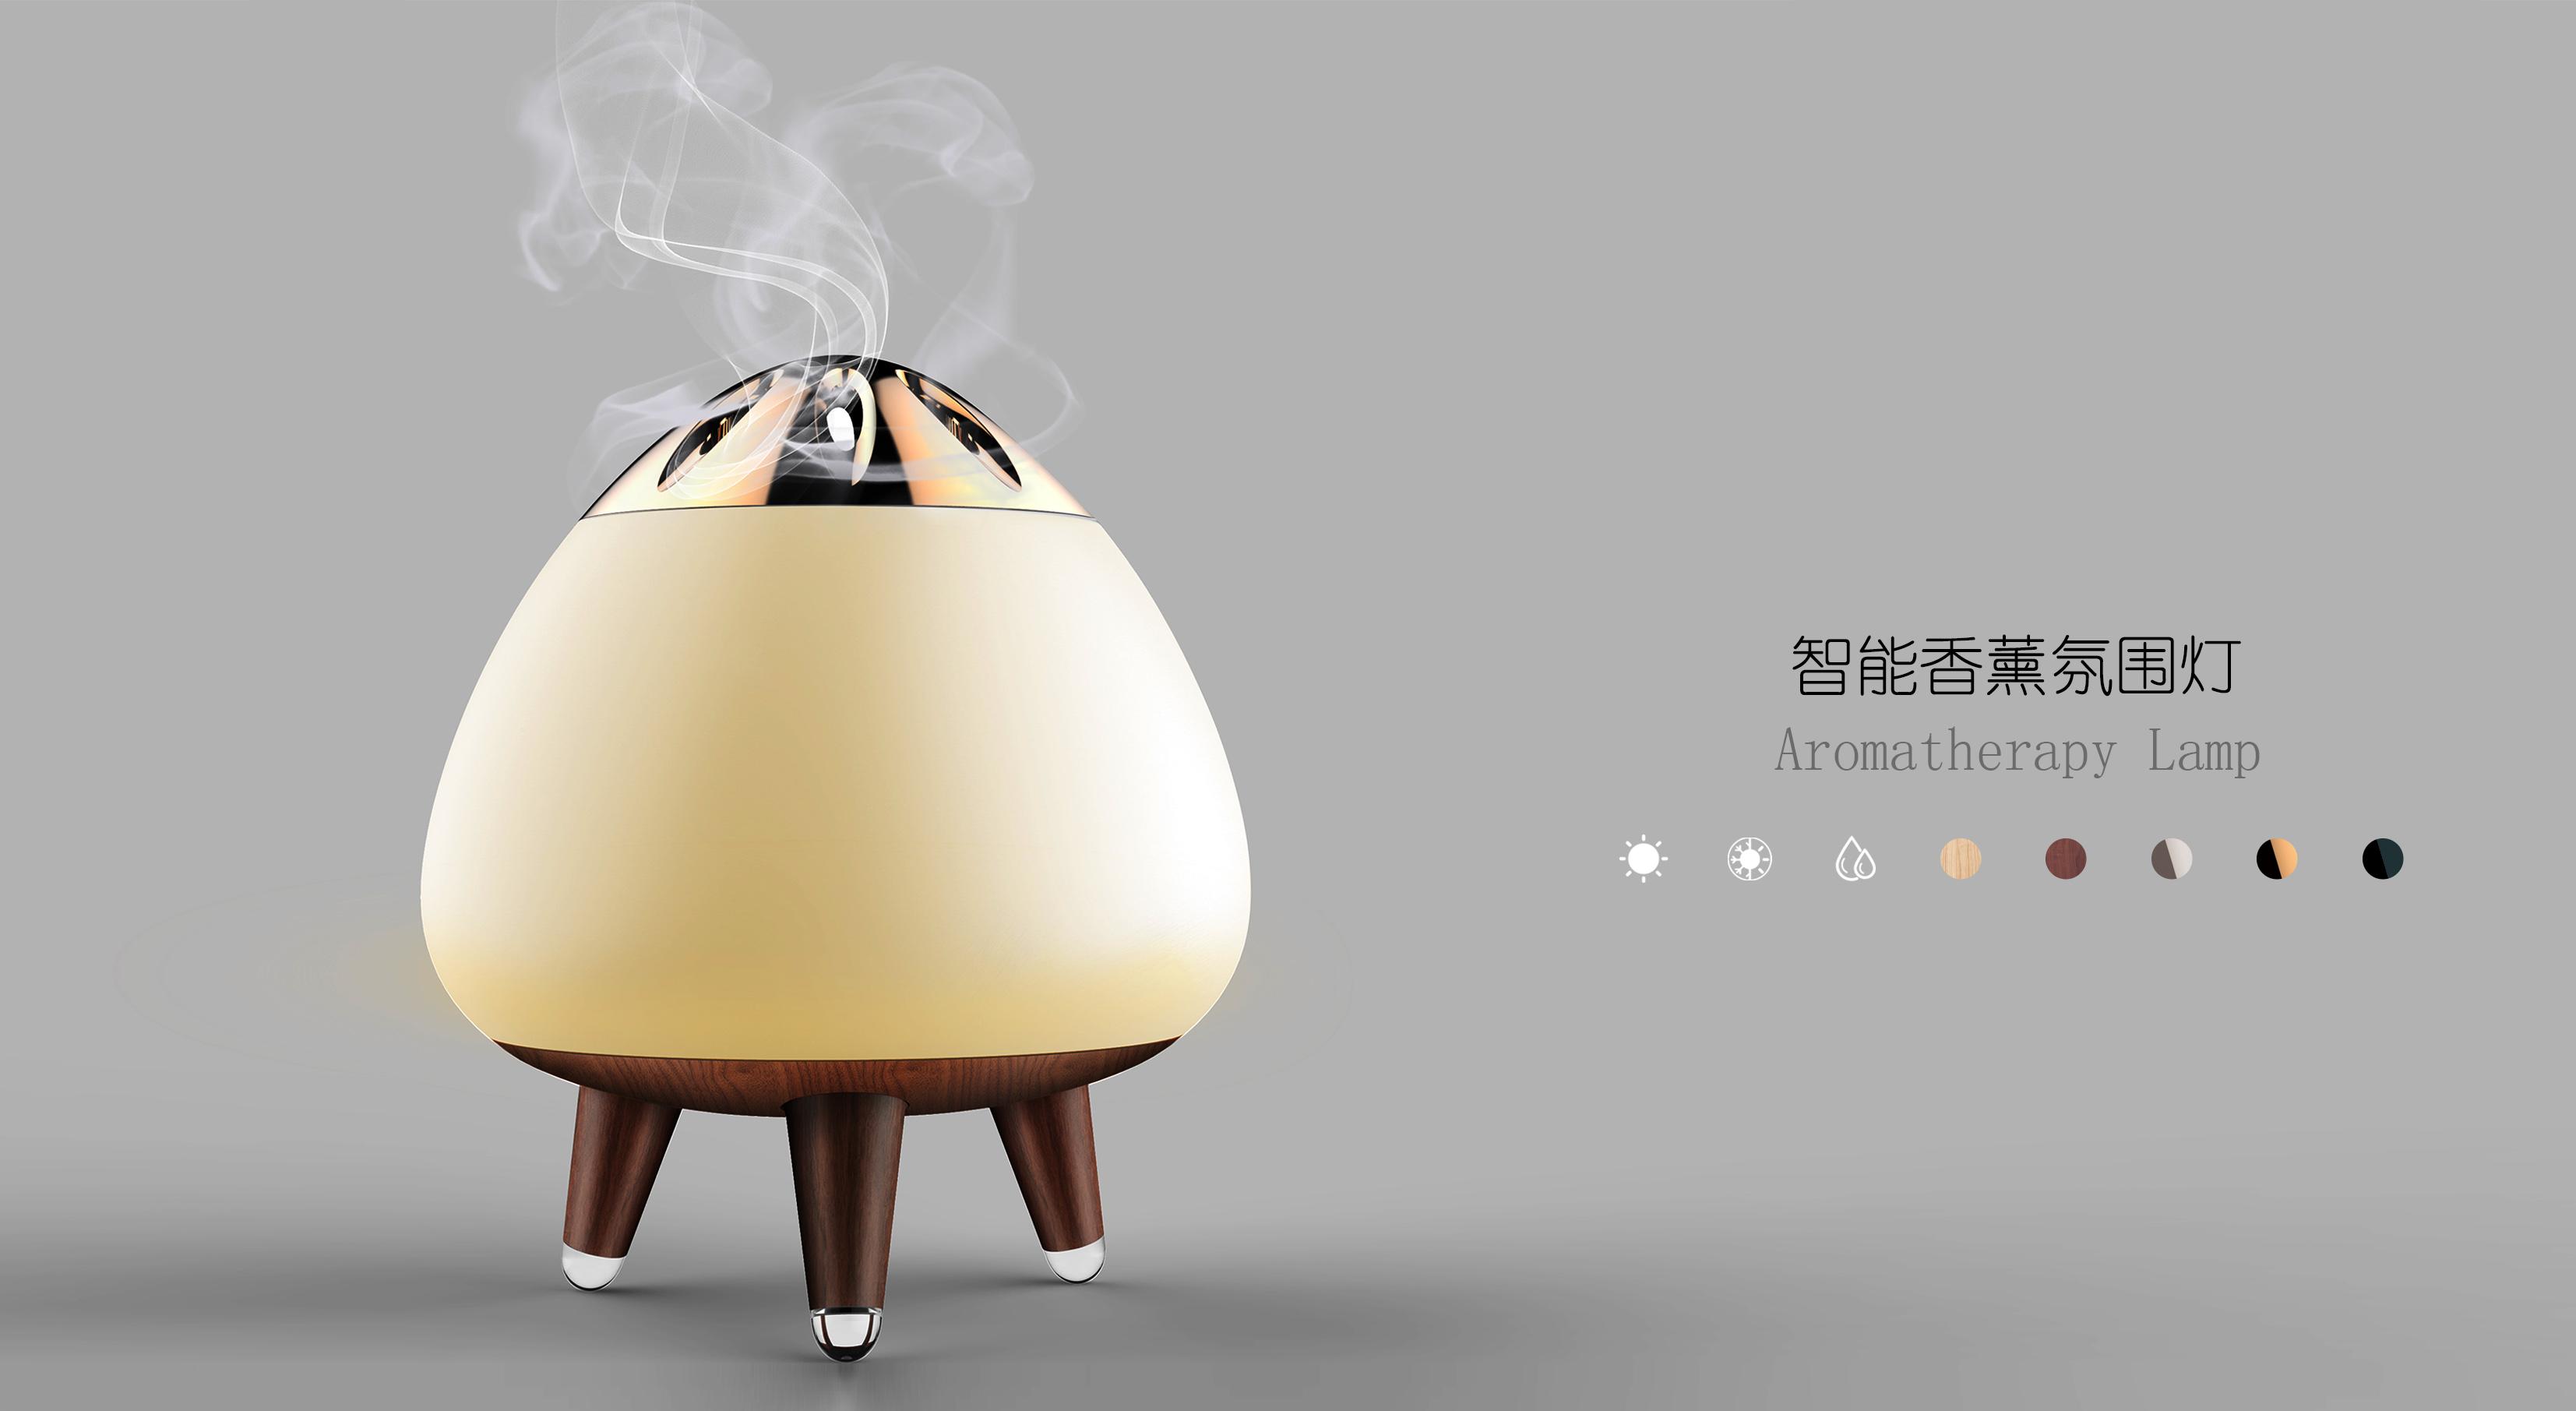 香薰台灯_产品设计-来设计